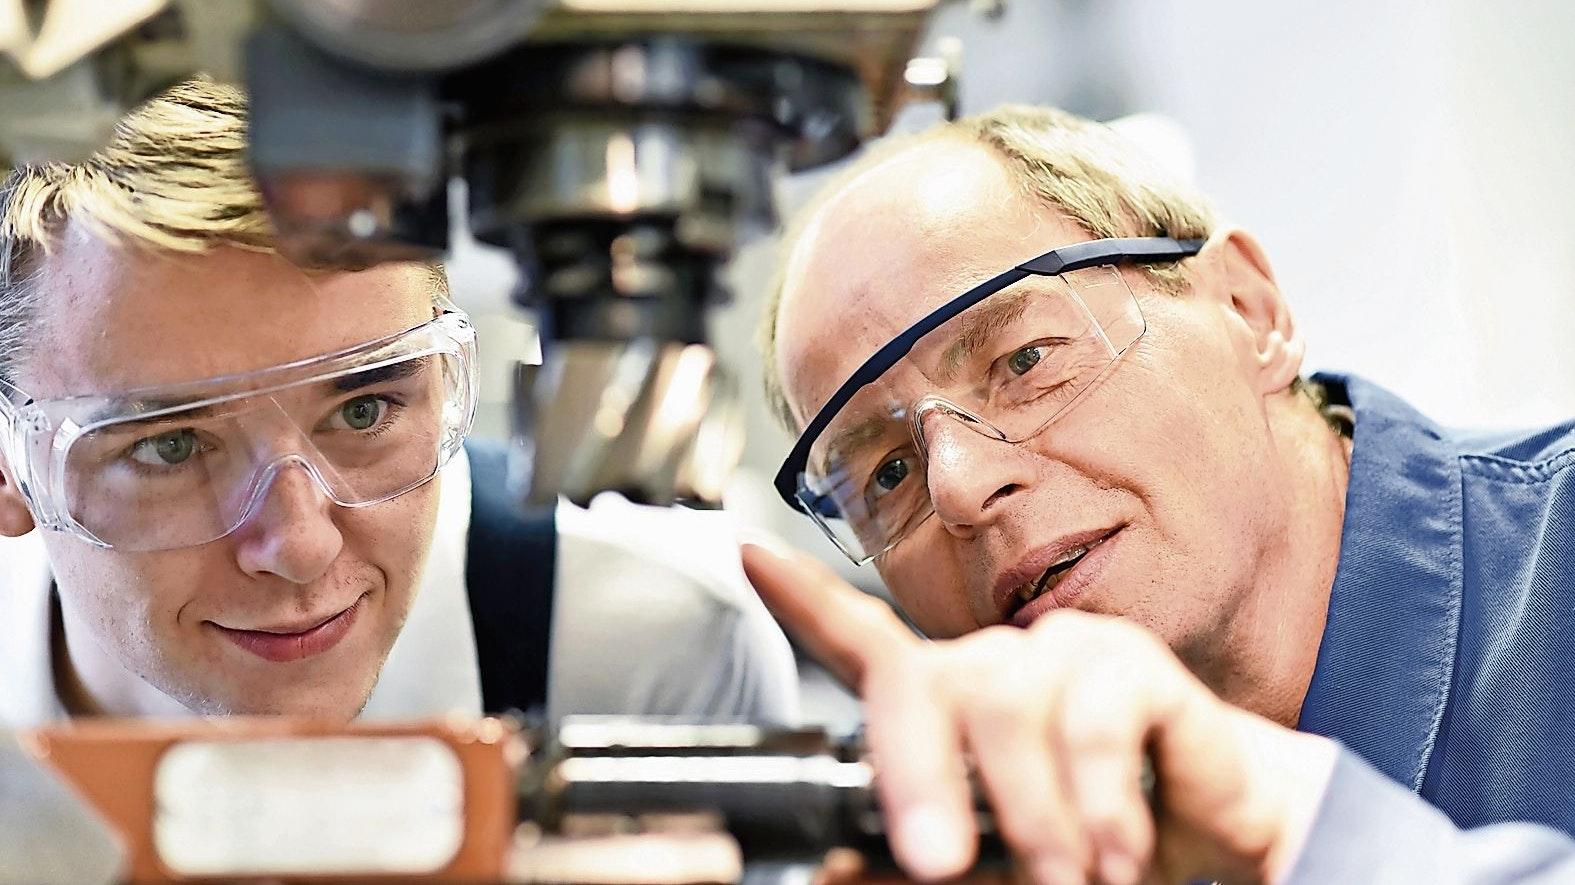 Die Ausbildungsberufe im Oldenburger Münsterland sind so vielfältig, wie die Unternehmen, die es auf dem Markt gibt. Foto: industryview/123rf/randstad